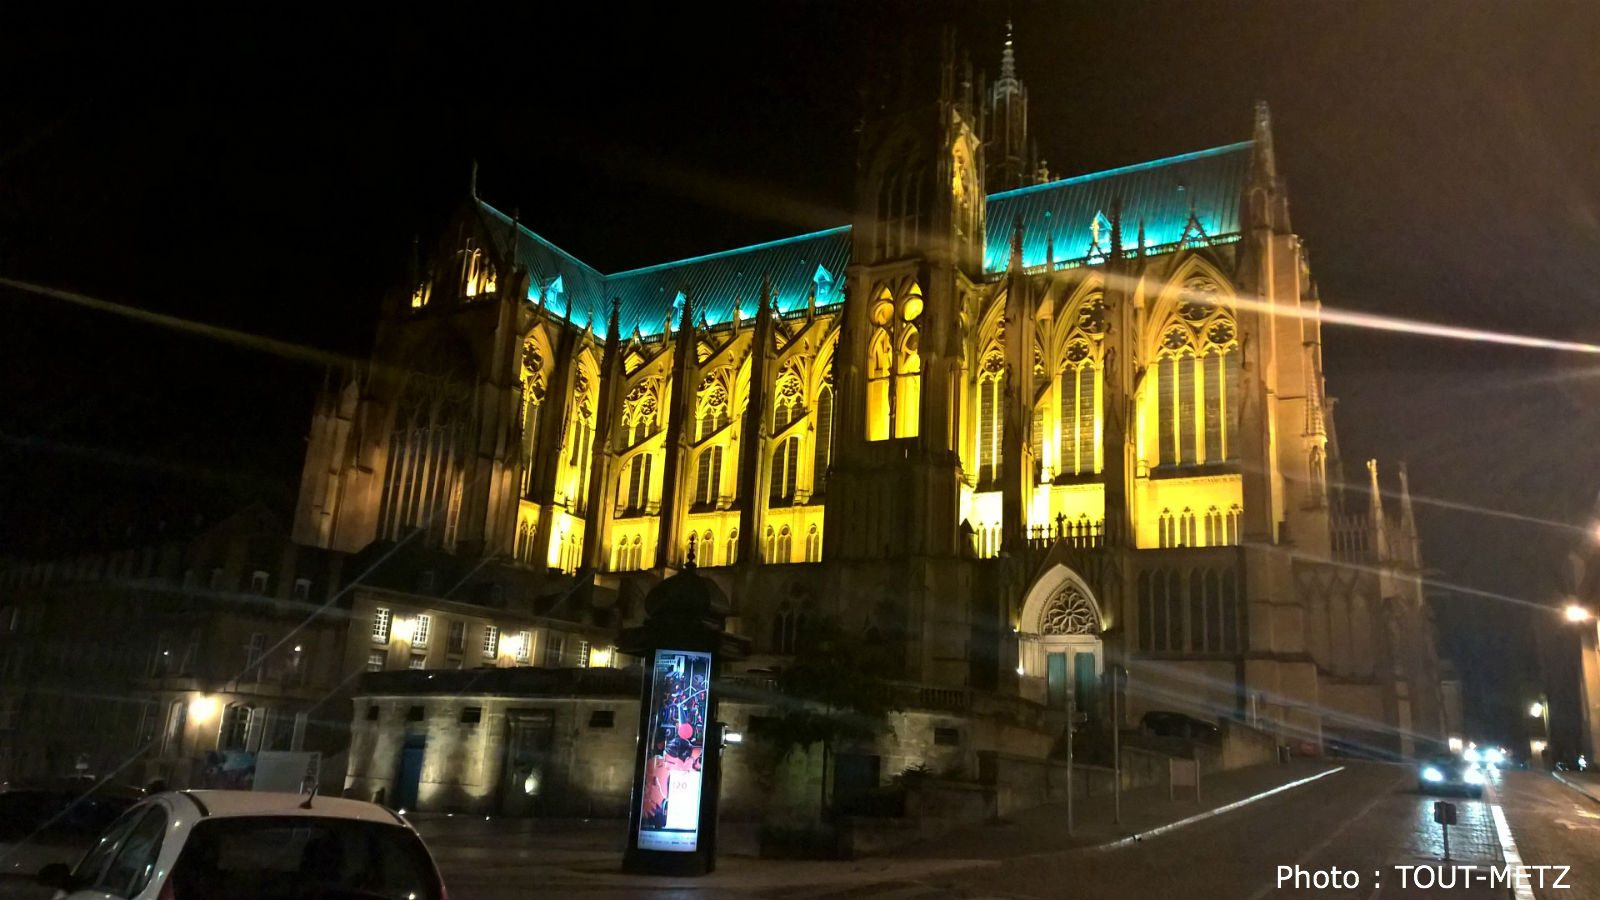 L'éclairage de la Cathédrale de Metz suspendu